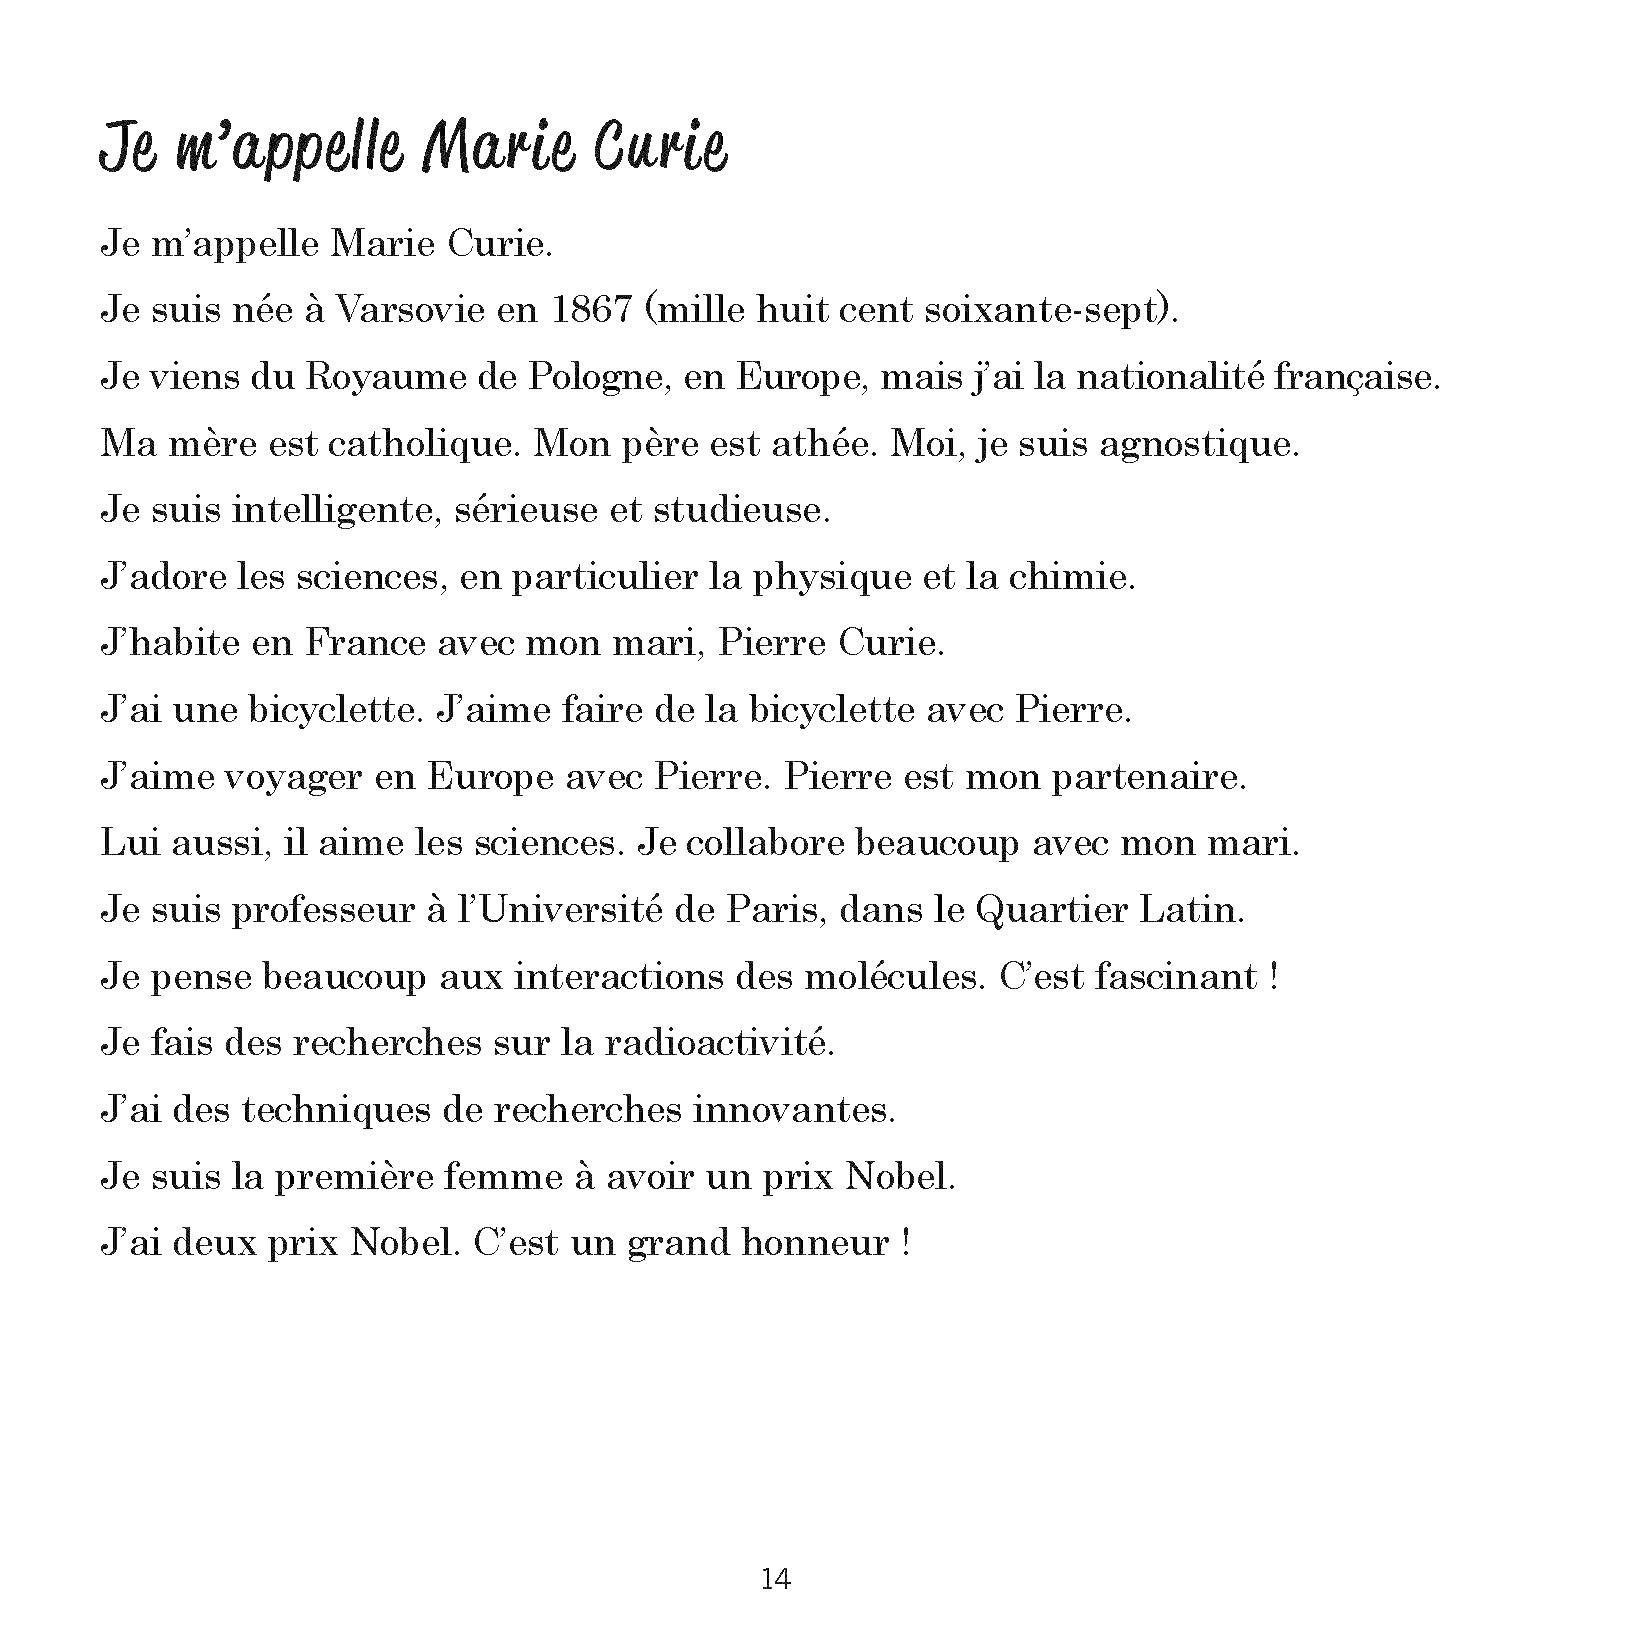 Qui parle français ? - Livre 1